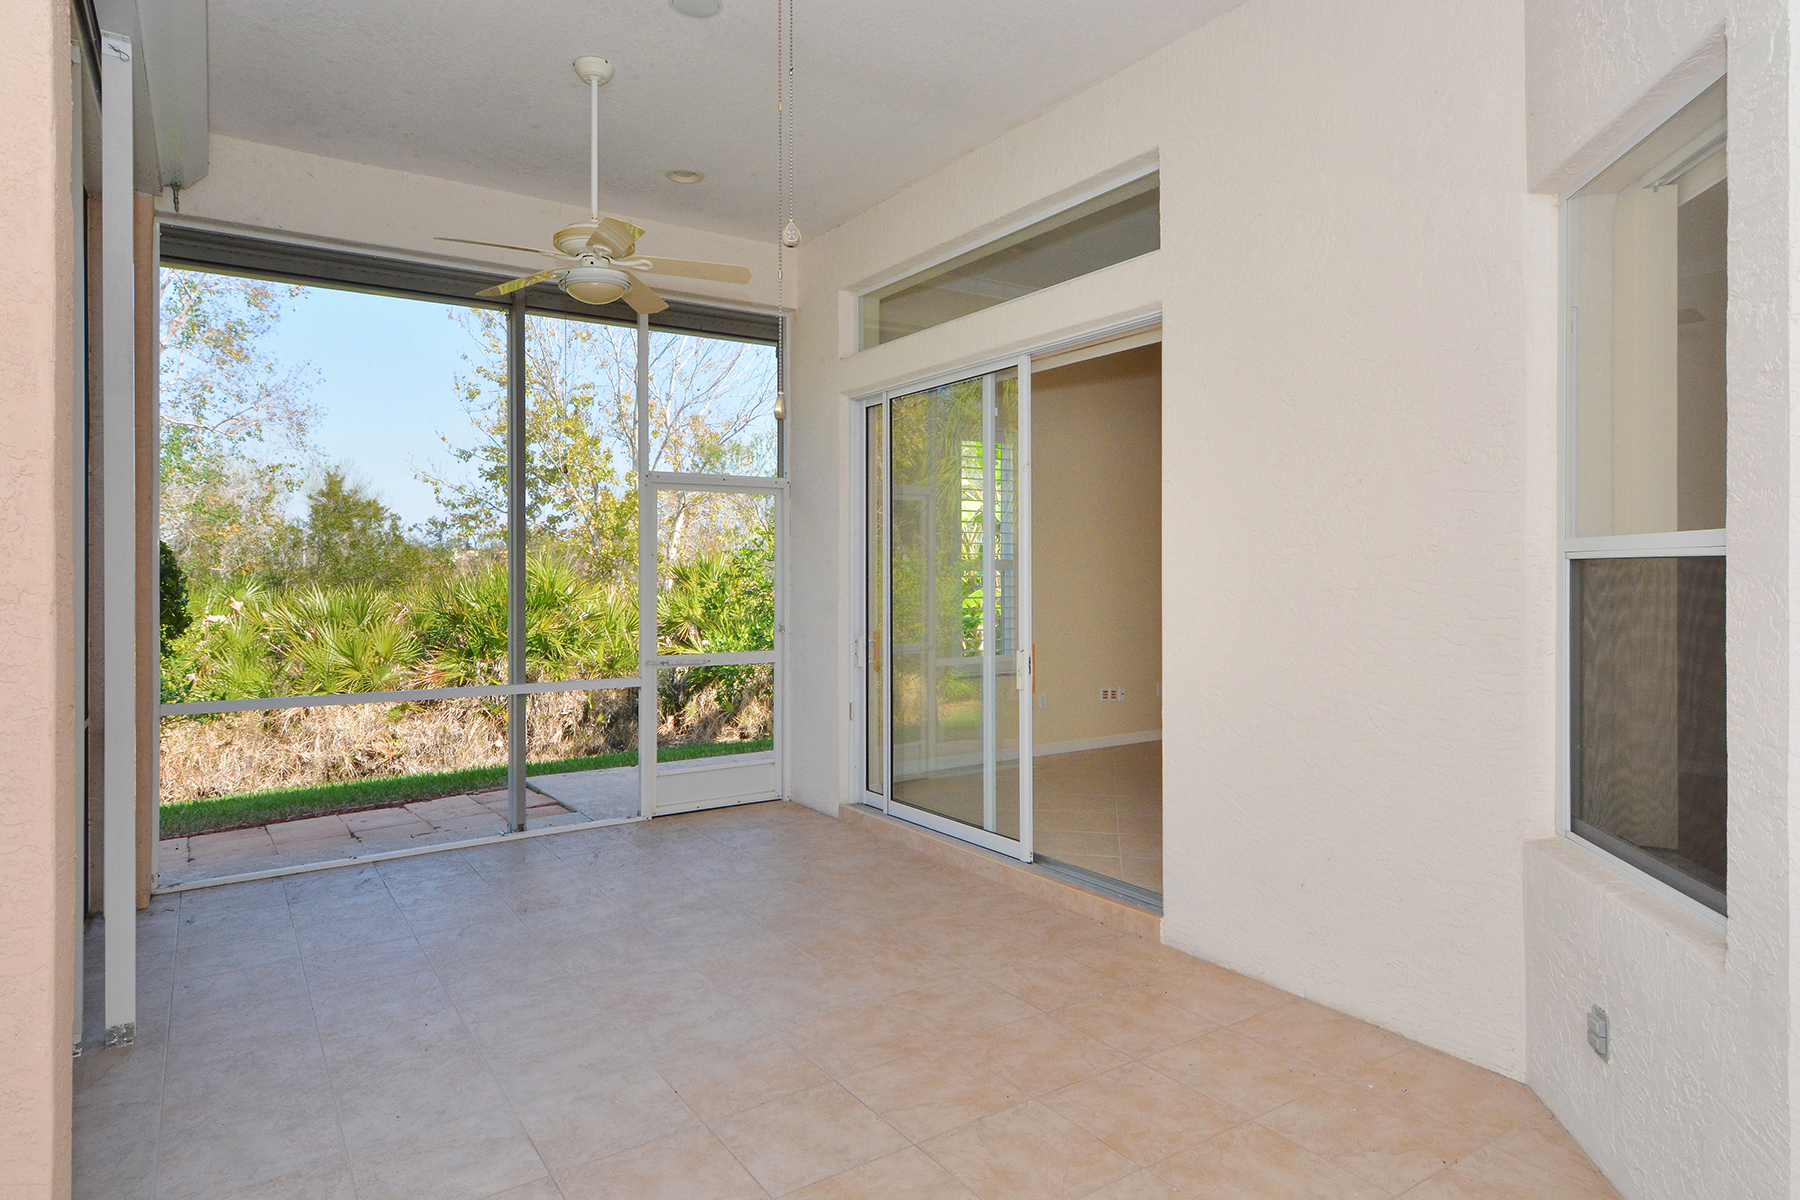 Maison unifamiliale pour l Vente à VENETIA 4273 Via Del Villetti Dr Venice, Florida, 34293 États-Unis